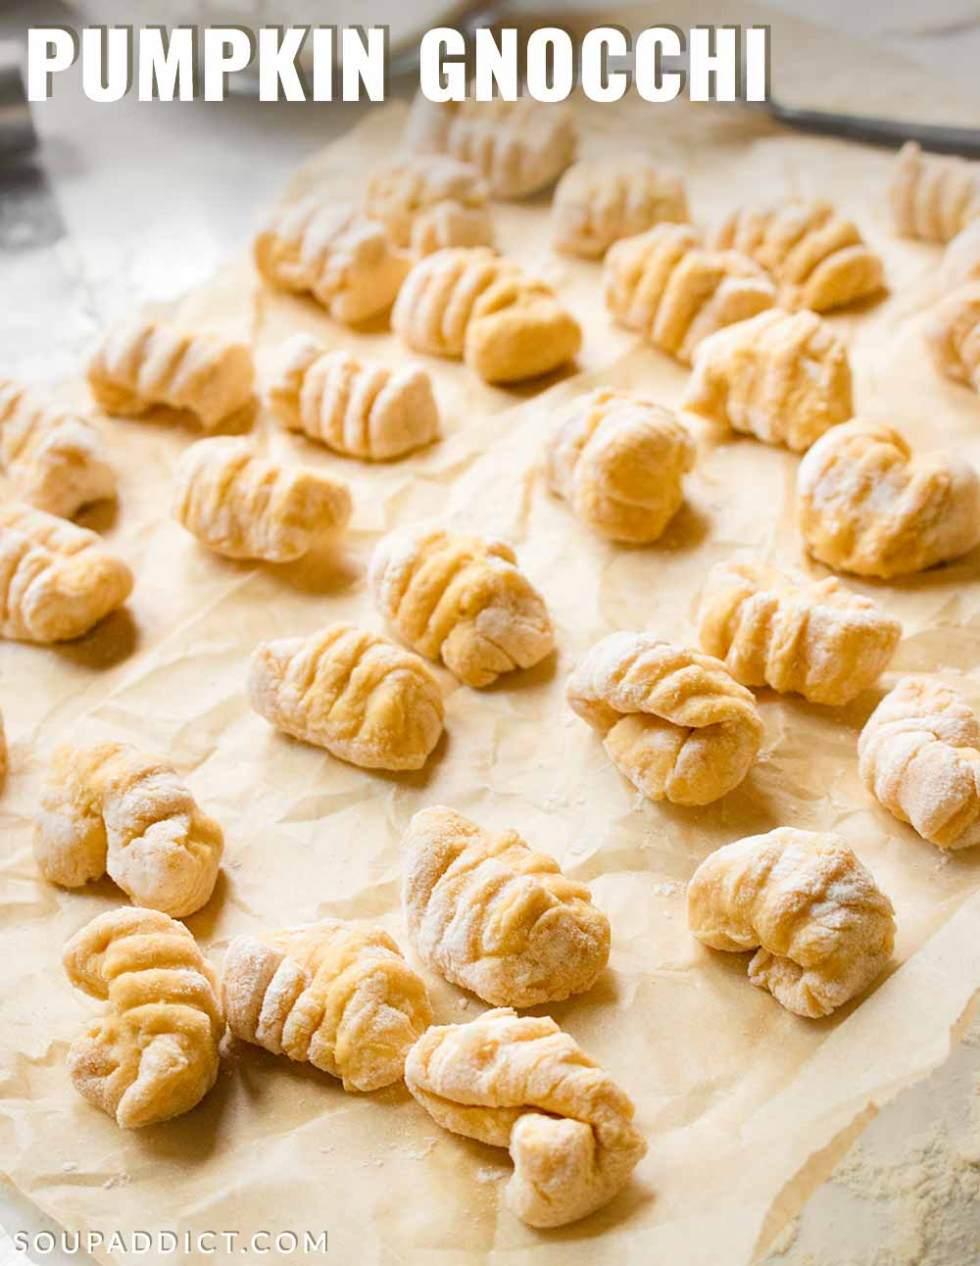 Pumpkin Gnocchi - Recipe at SoupAddict.com